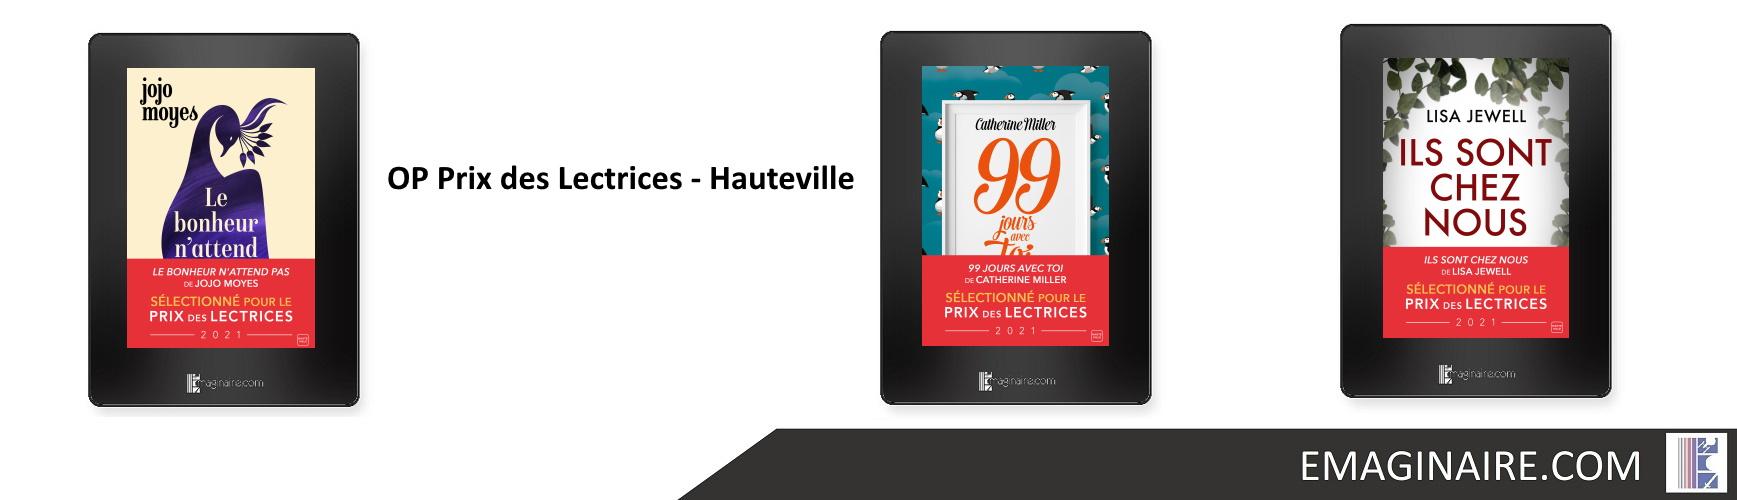 OP Prix des Lectrices - Hauteville